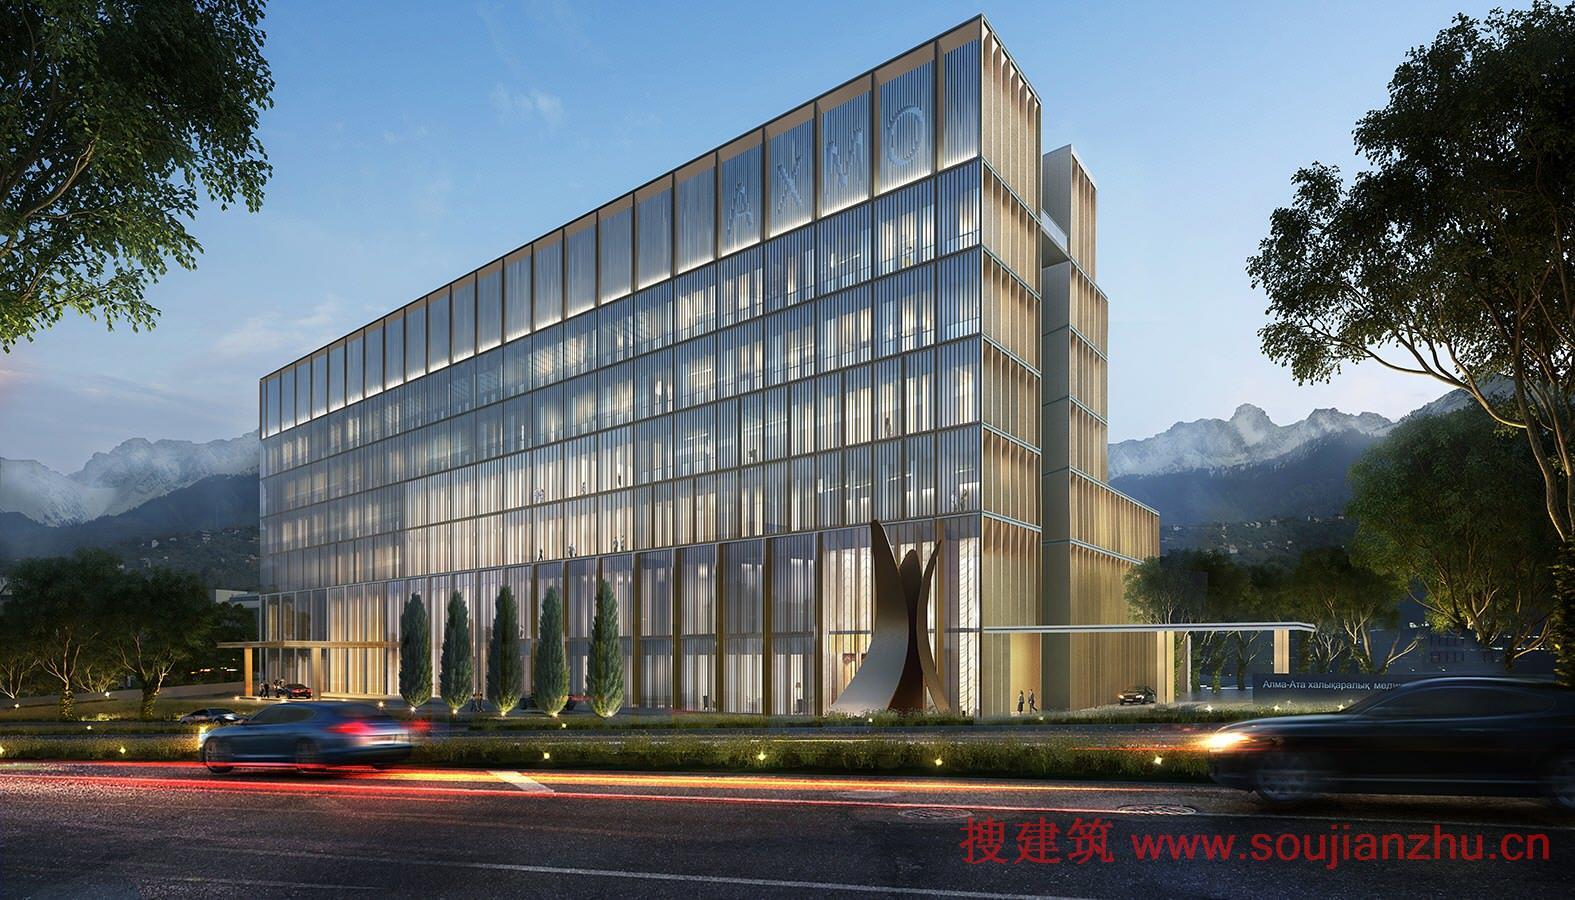 搜建筑网 -- 哈萨克斯坦·阿拉木图国际医疗中心